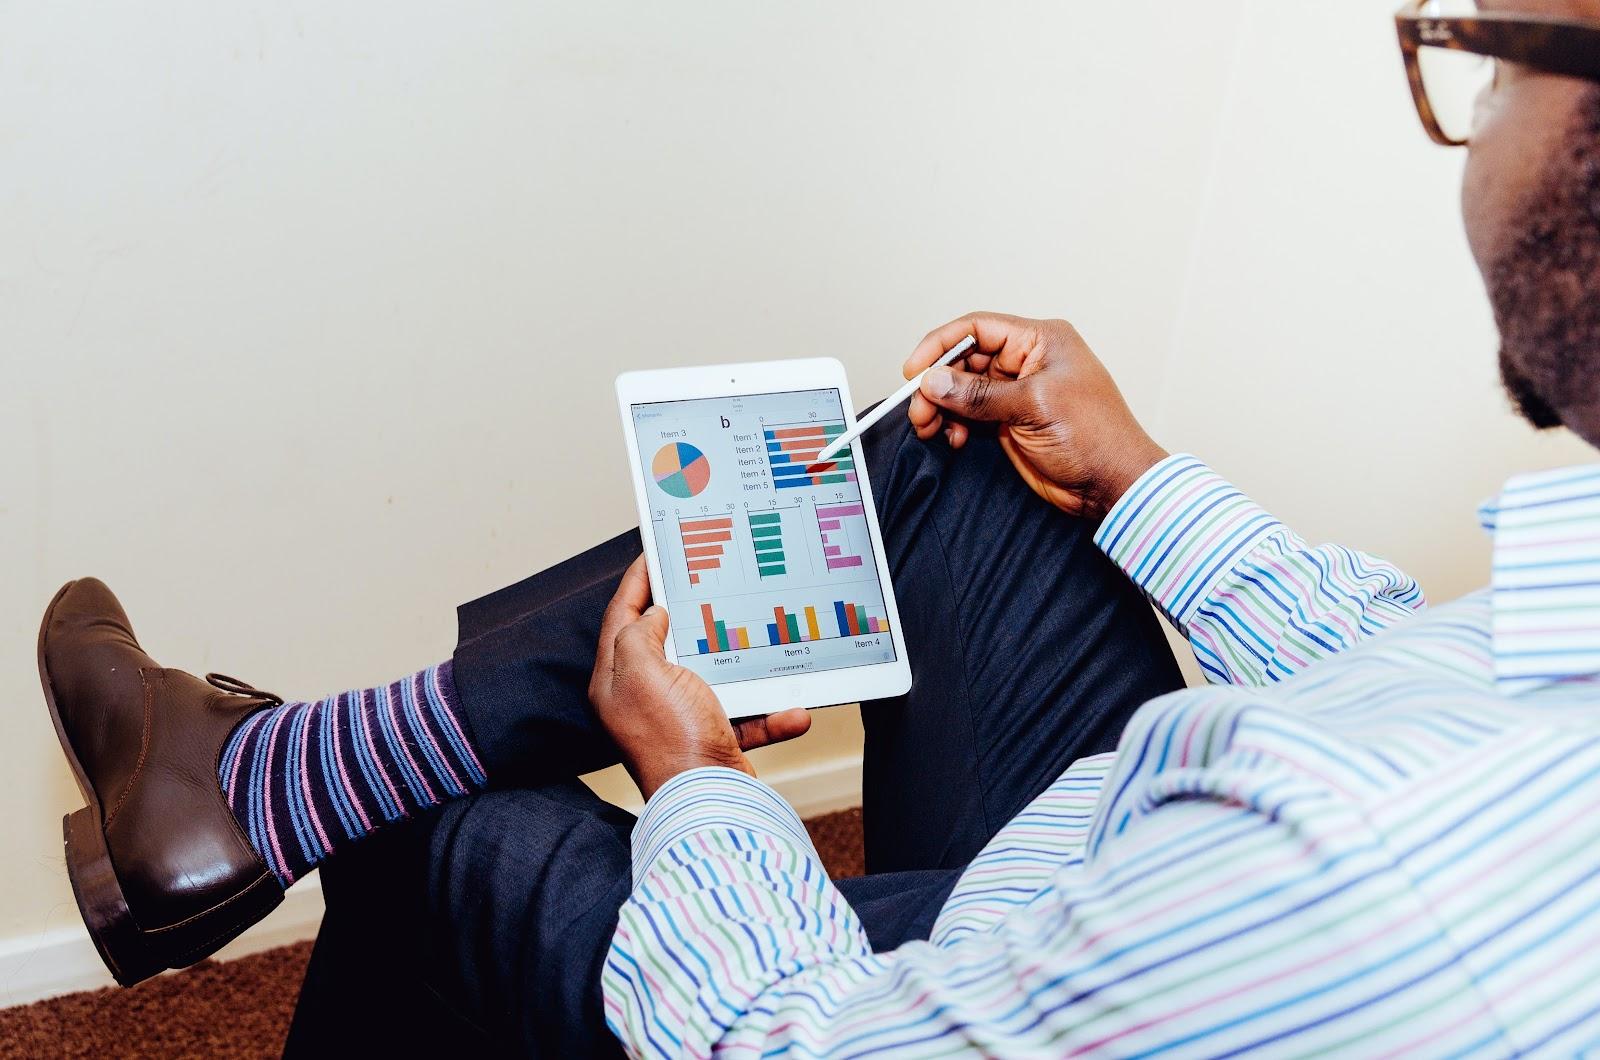 homme consultant des graphiques sur une tablettes qui représentent le taux d'engagement de son audience